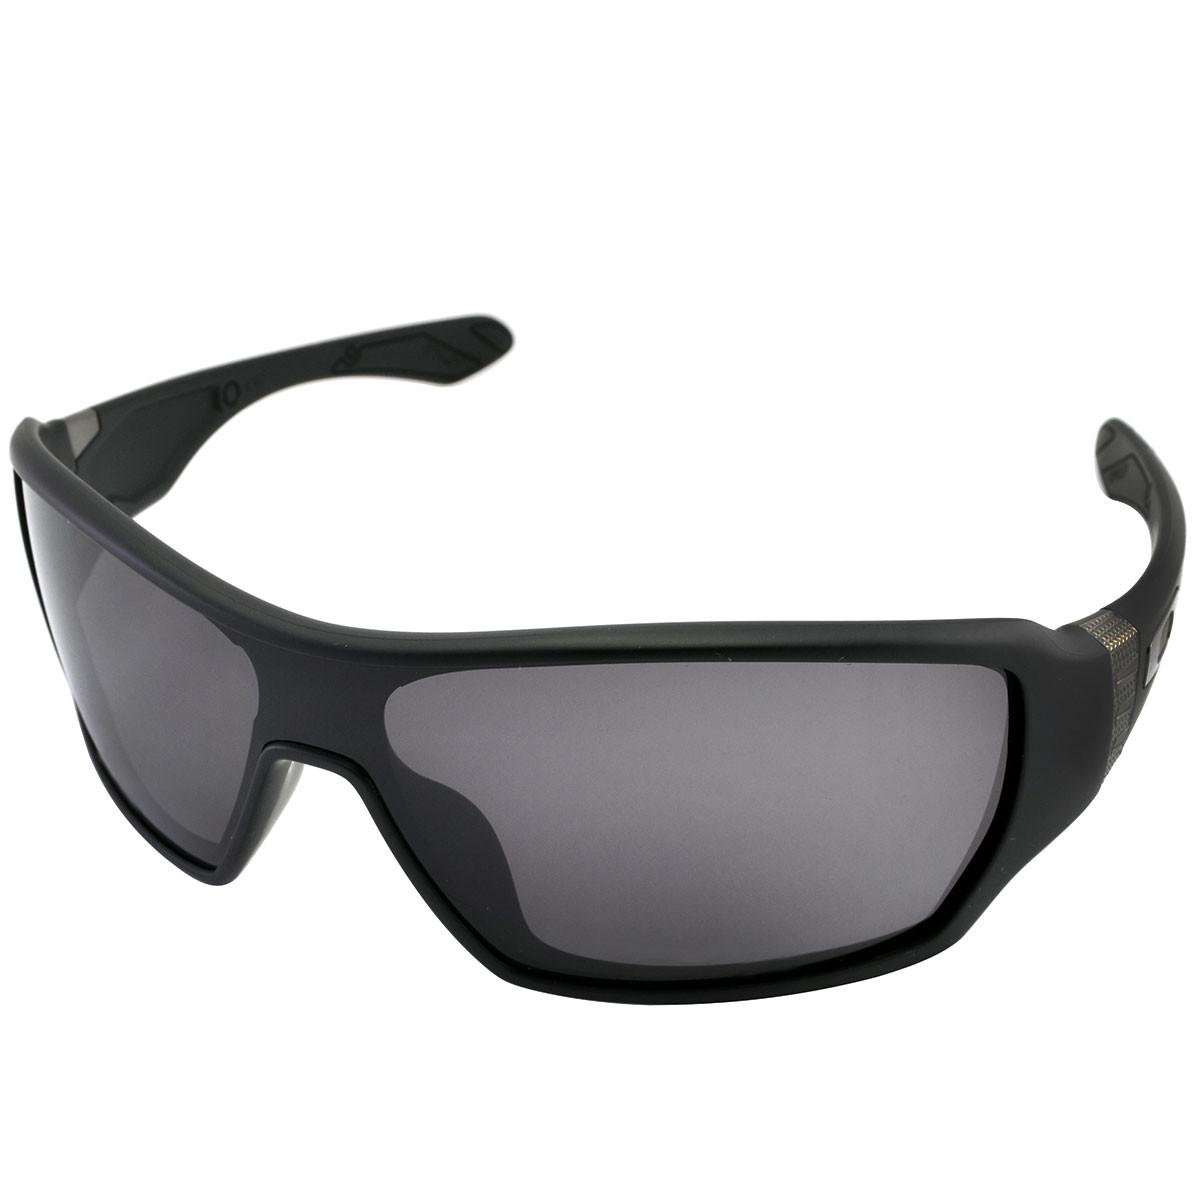 ebe0eb5144970 Óculos Oakley Offshoot Matte Black Lente Warm Grey ref OO9190-01